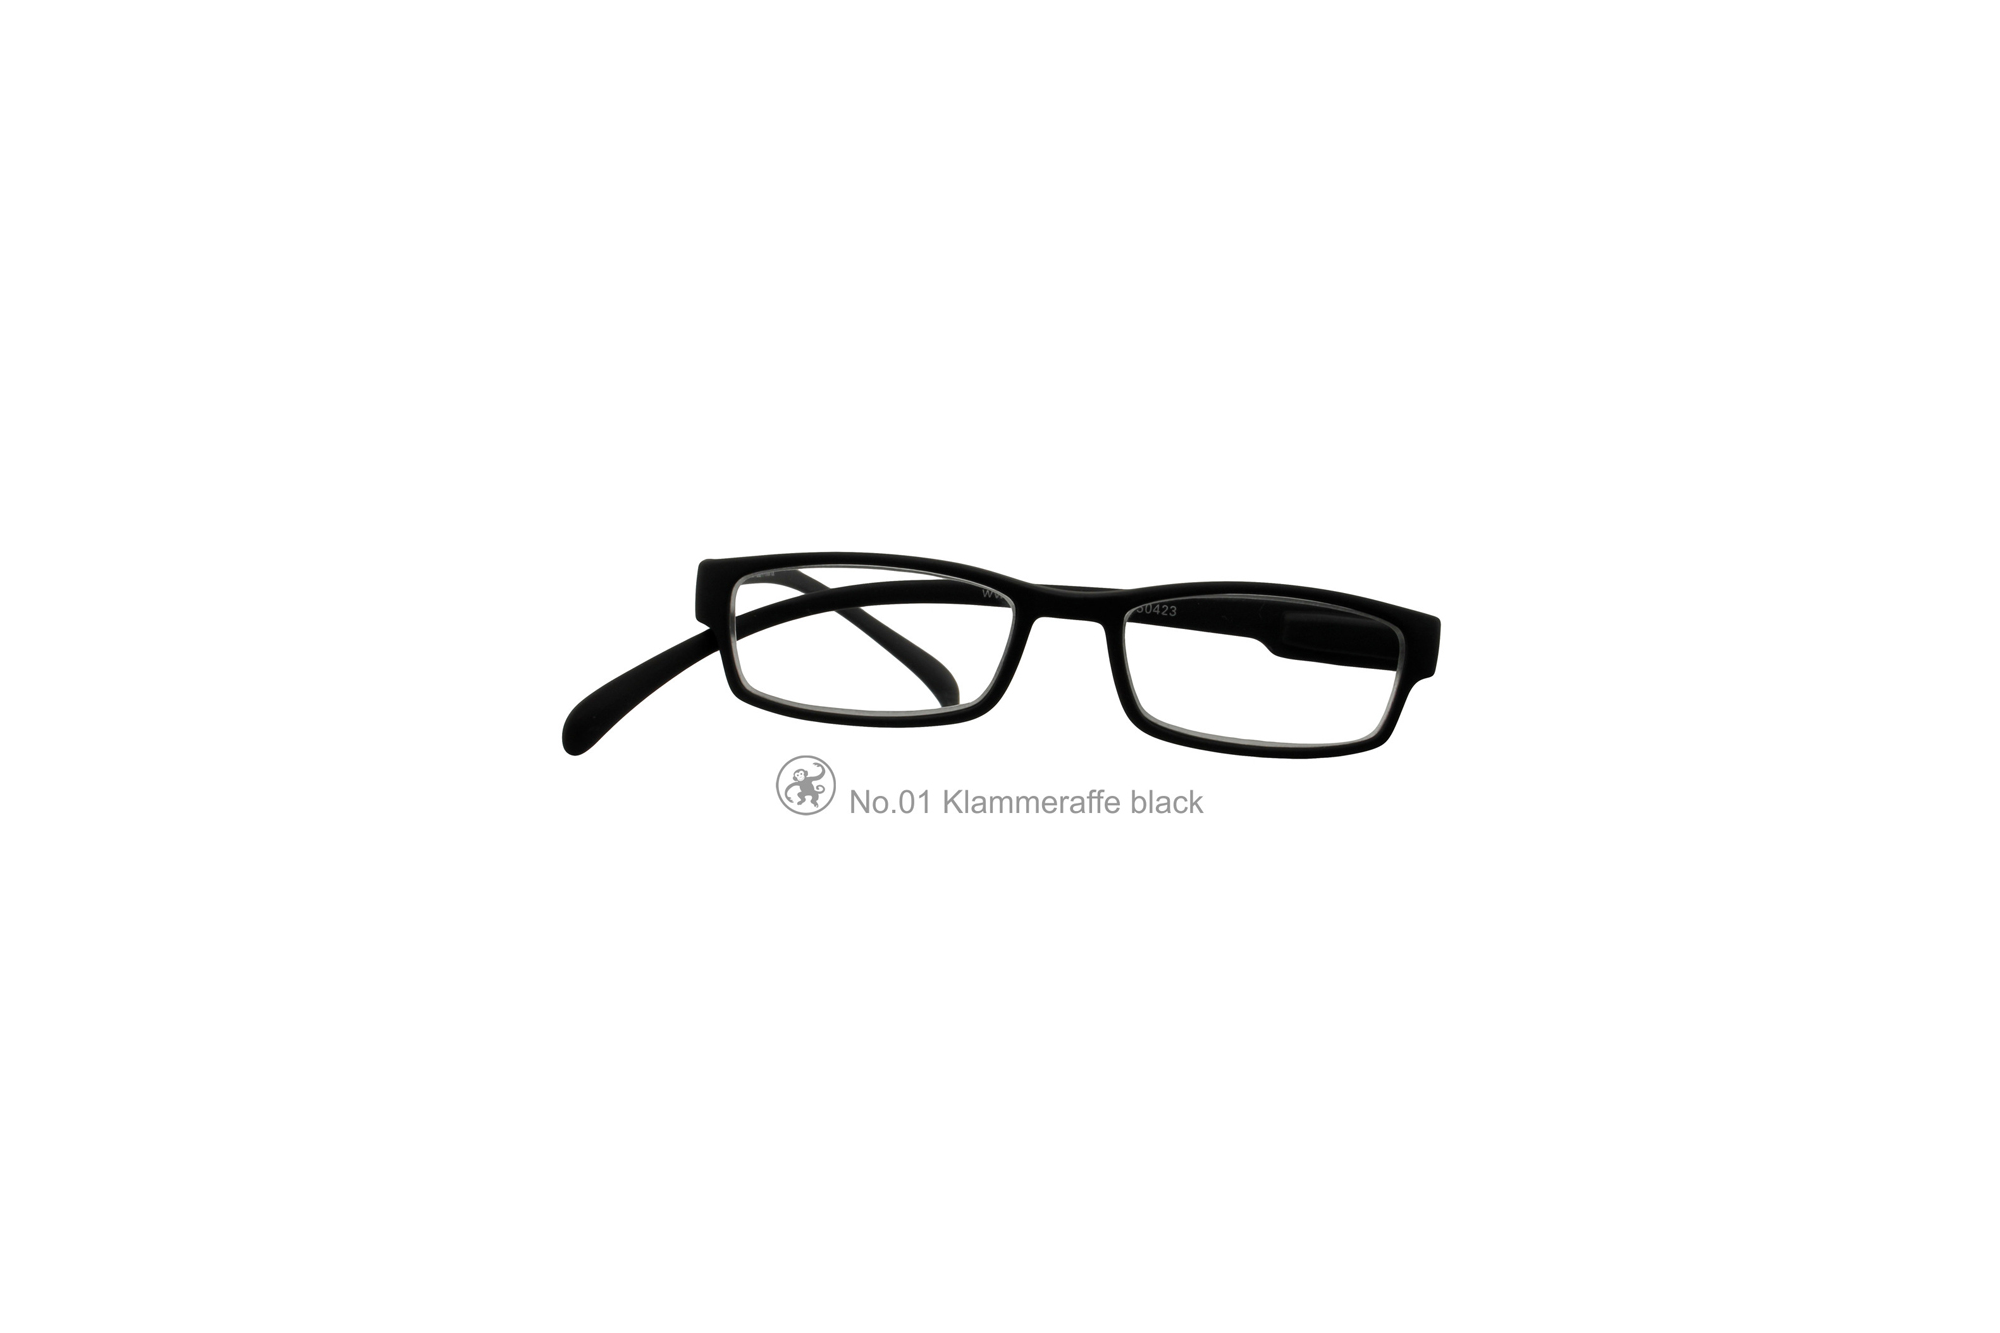 Klammeraffe Modell 01, black